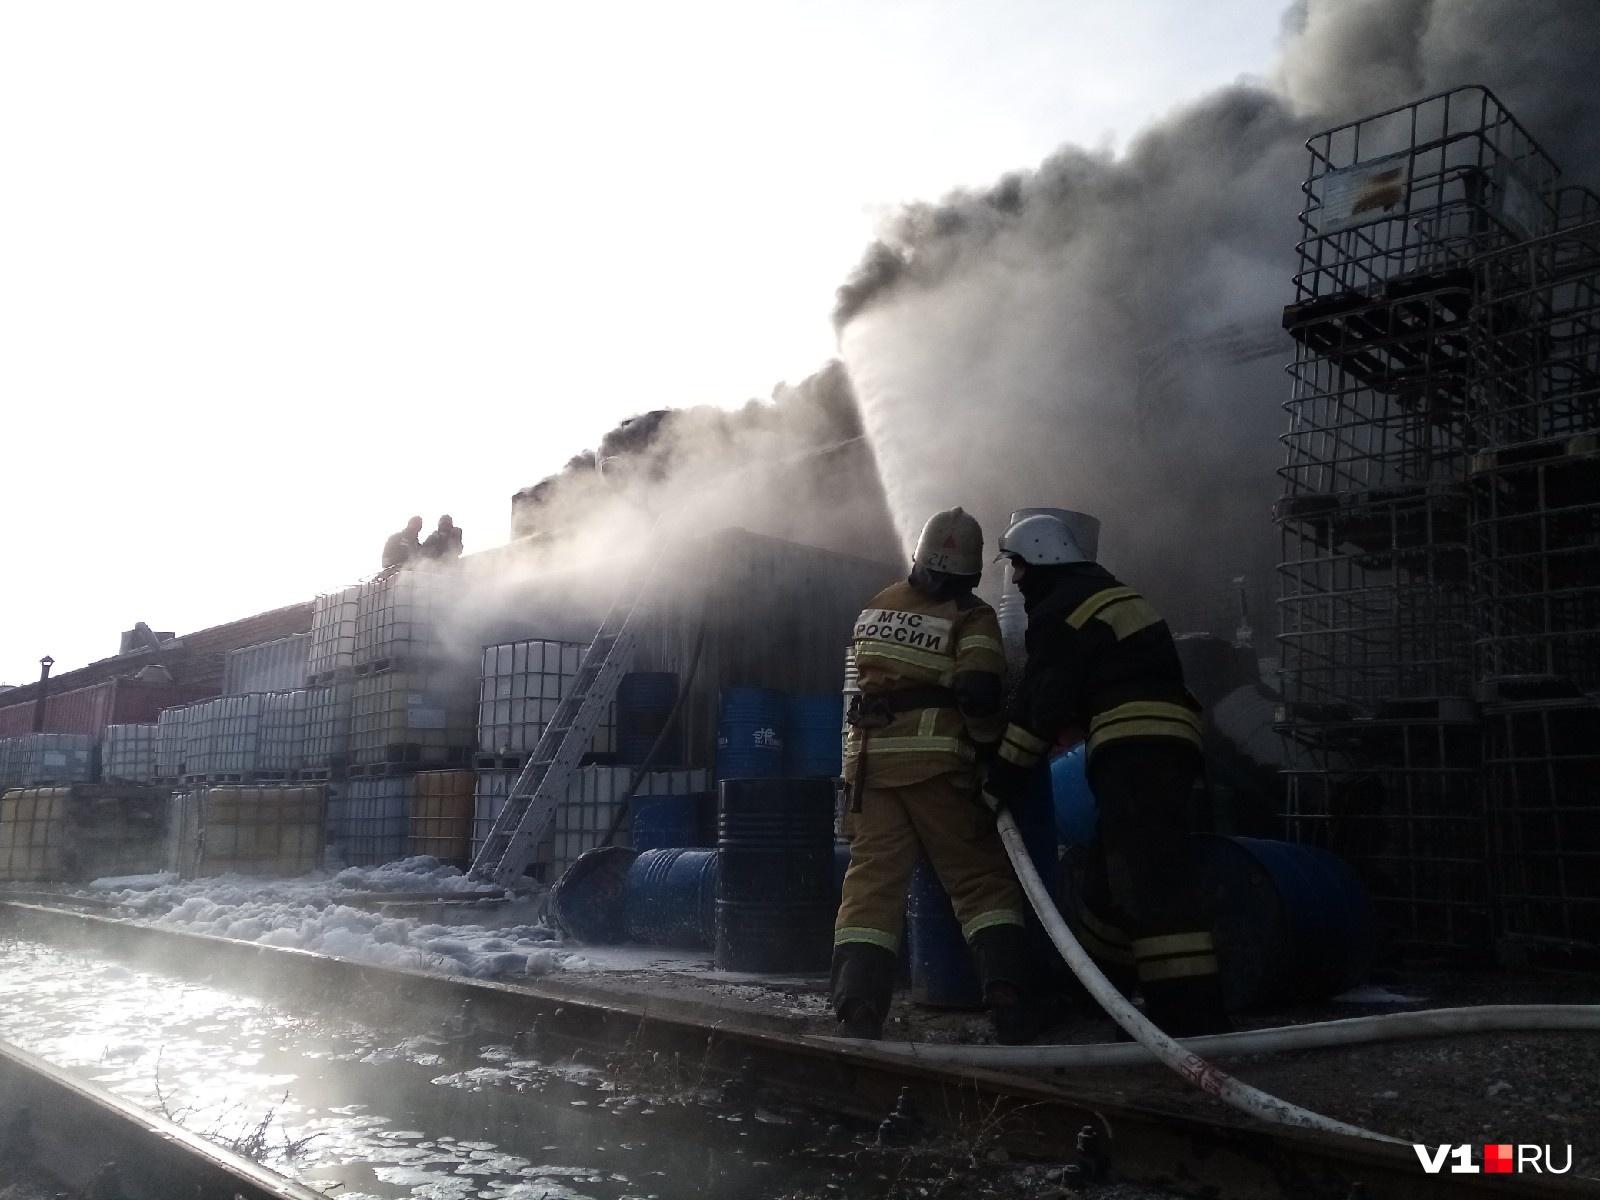 На территории базы дышать от дыма очень тяжело